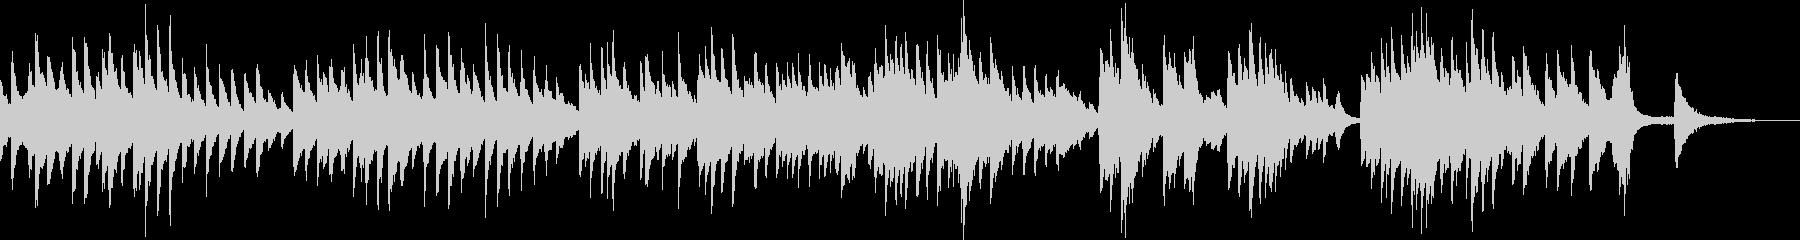 雄大な大地(ピアノ・ゆったり・爽やか)の未再生の波形